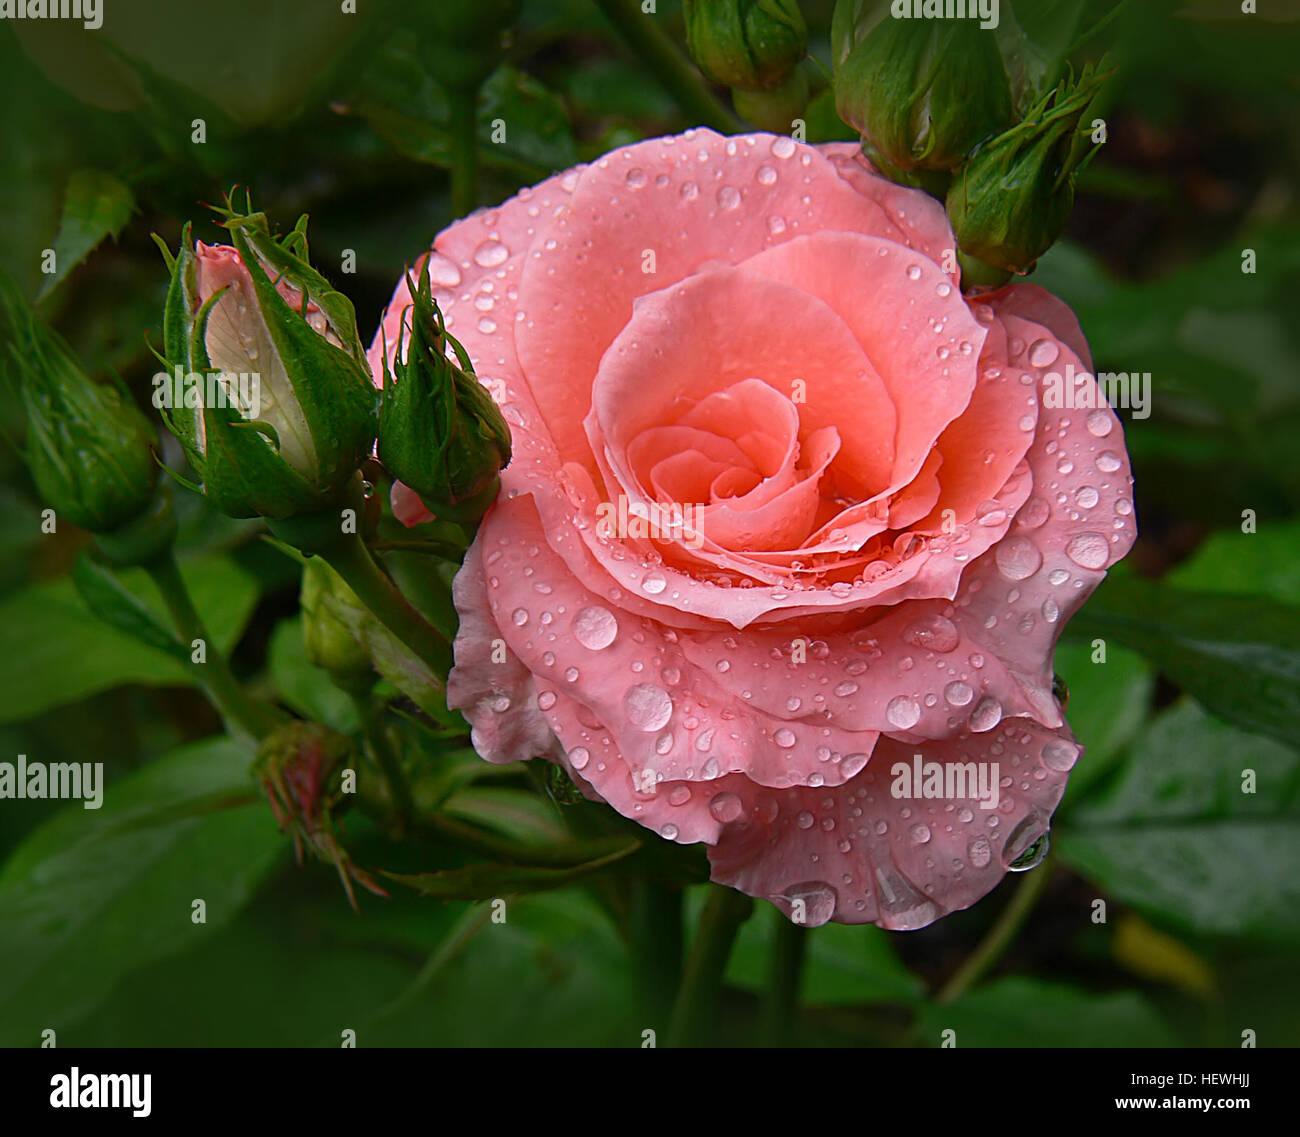 hybride tee eines der beliebtesten rosensorten, sind groß